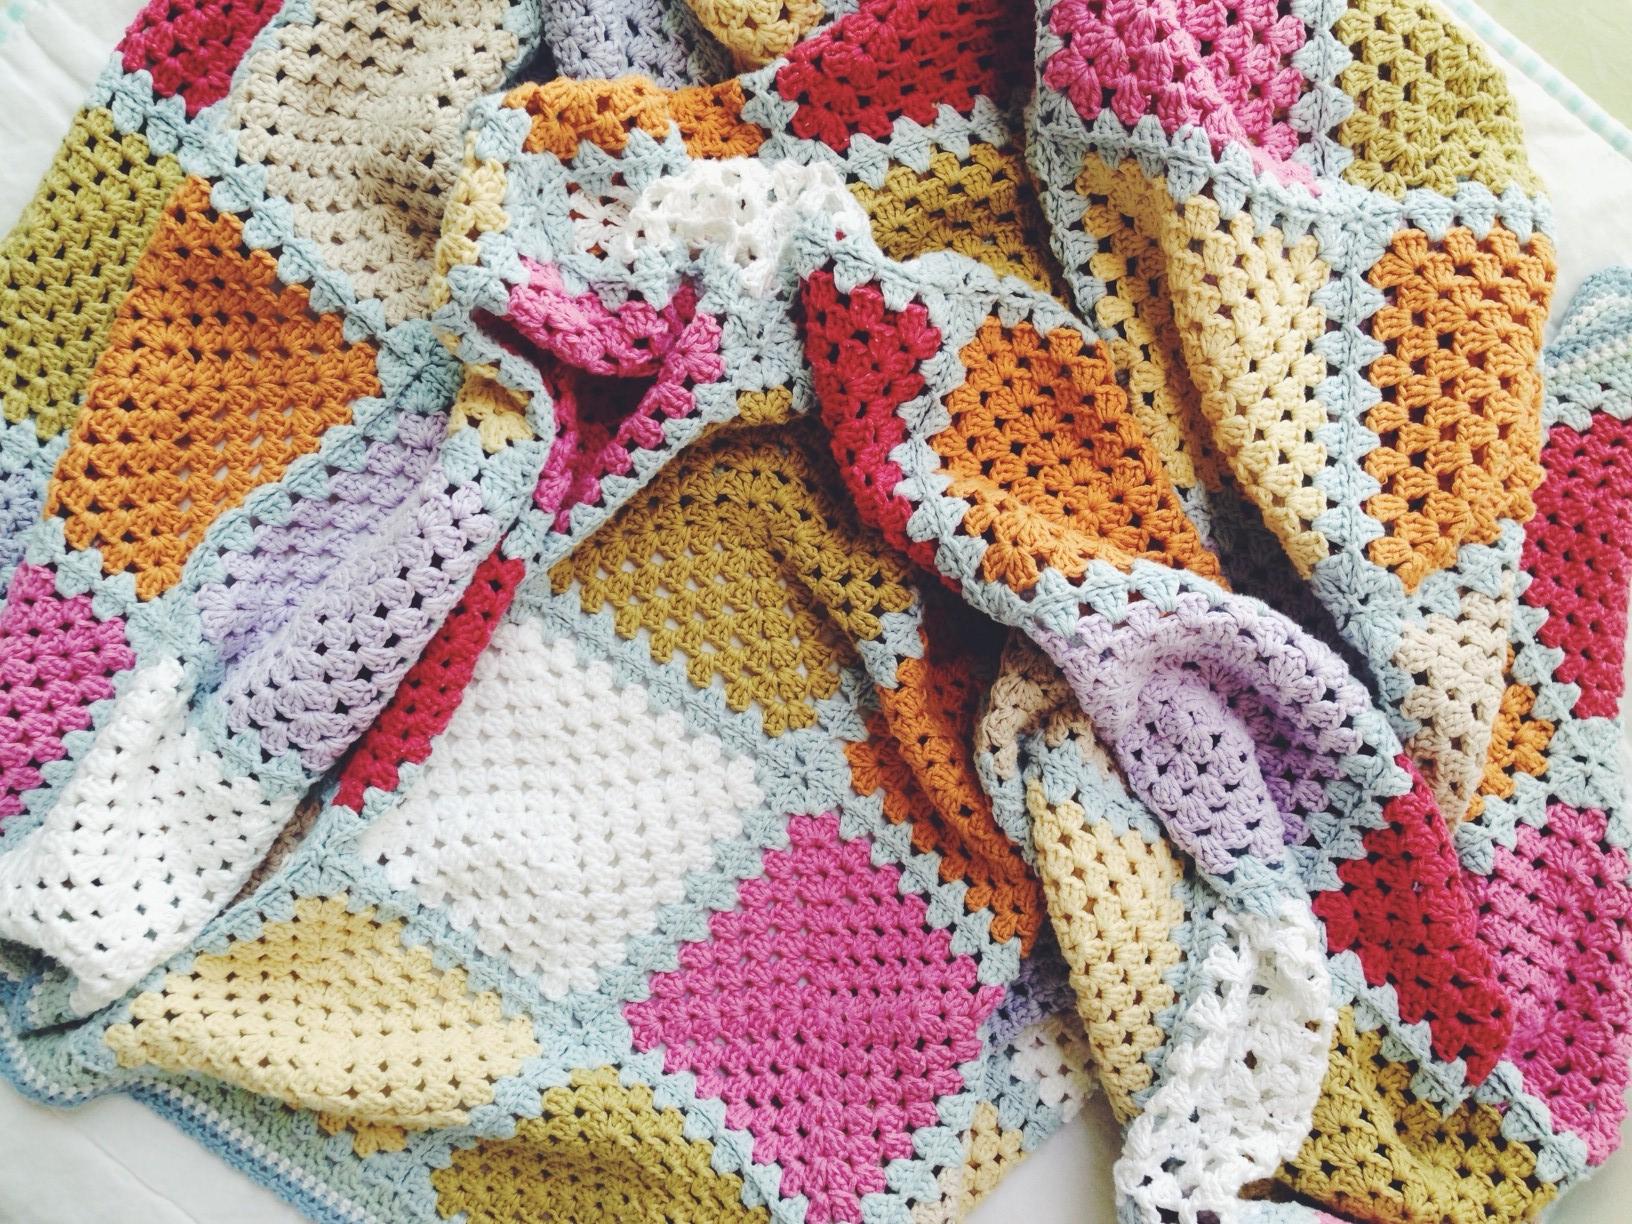 granny square crochet blanket - zakkaArt